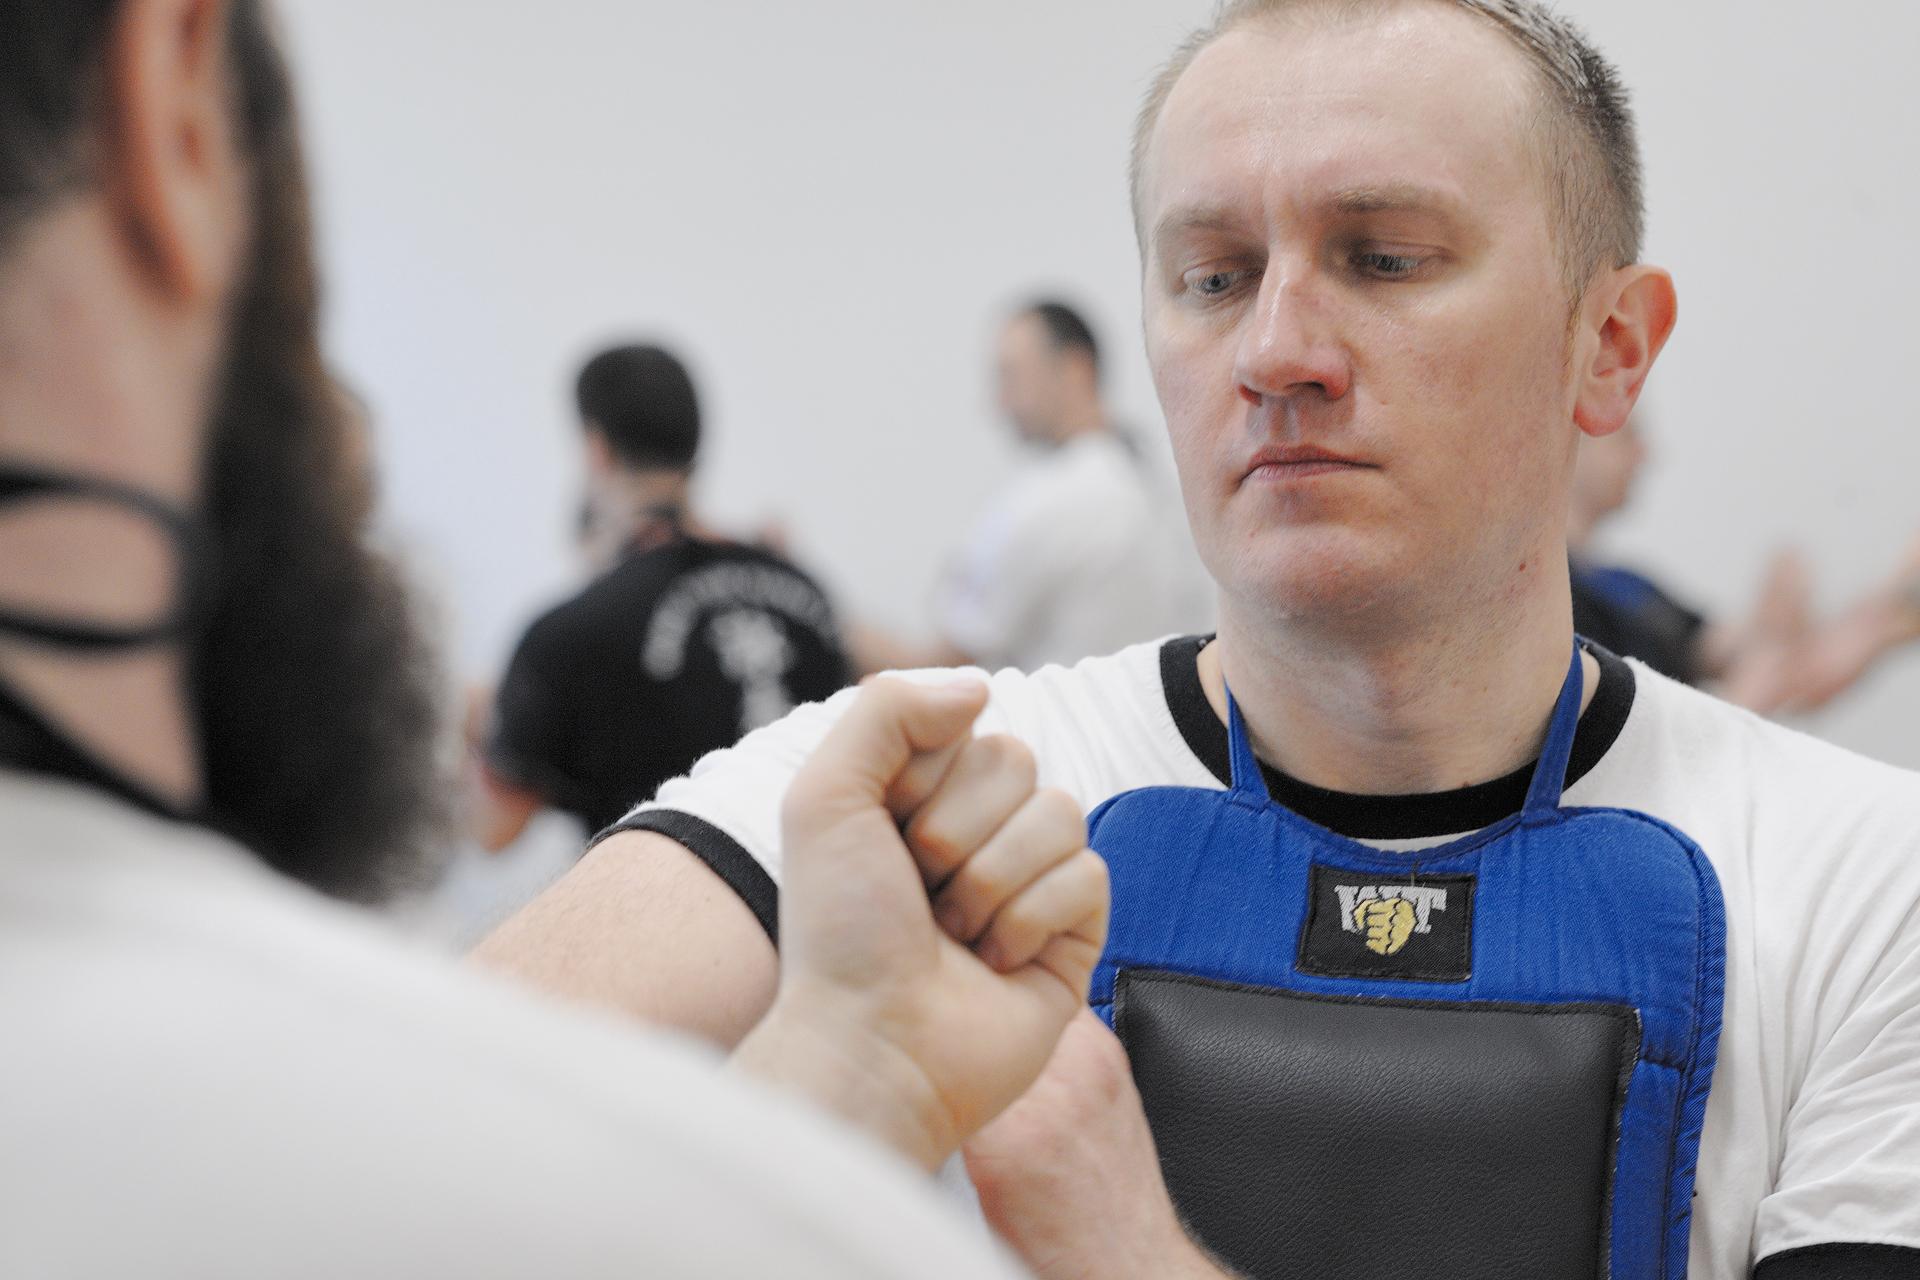 Trening instruktorski 1/4 2019 - Warszawa 03.03.2019 - 1